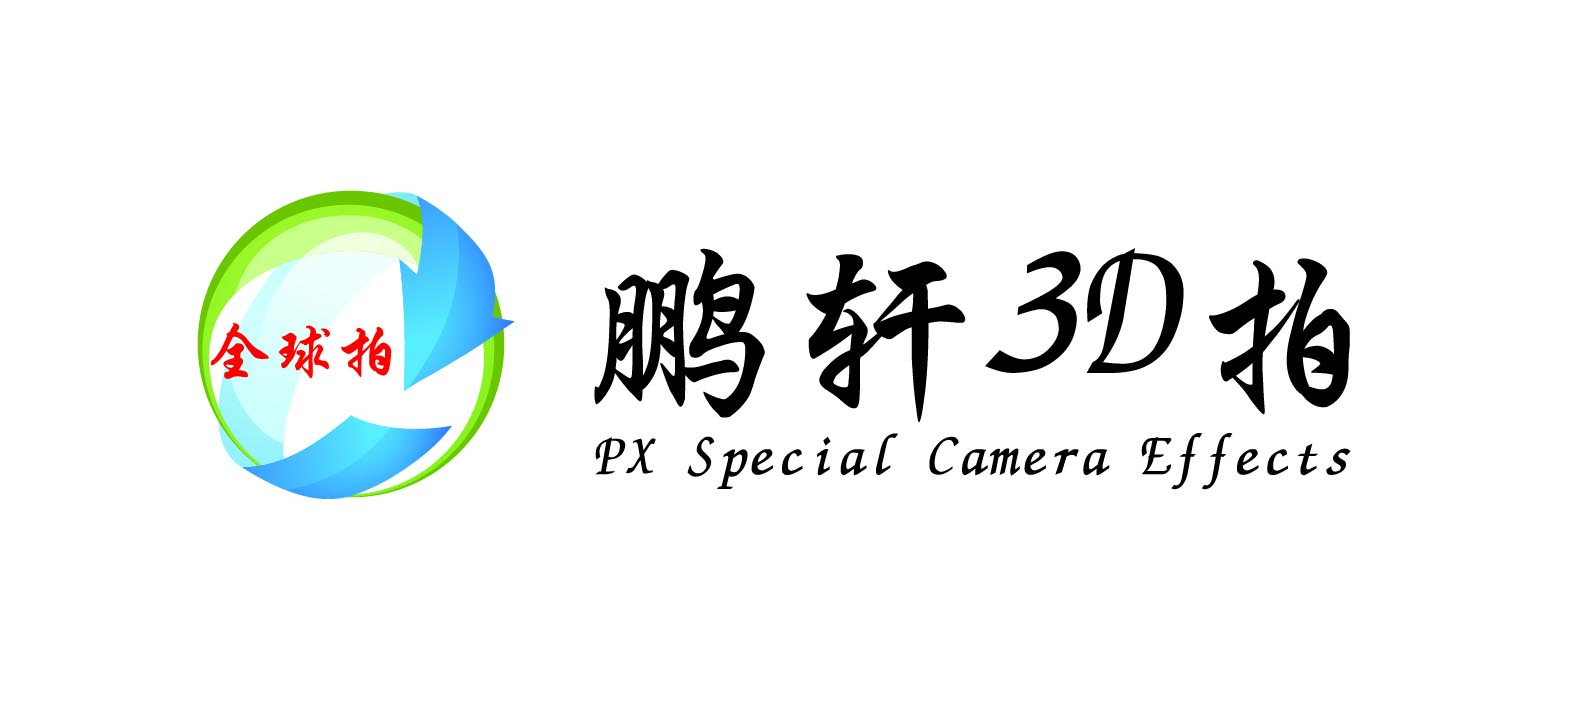 鹏轩3D拍诚邀加盟